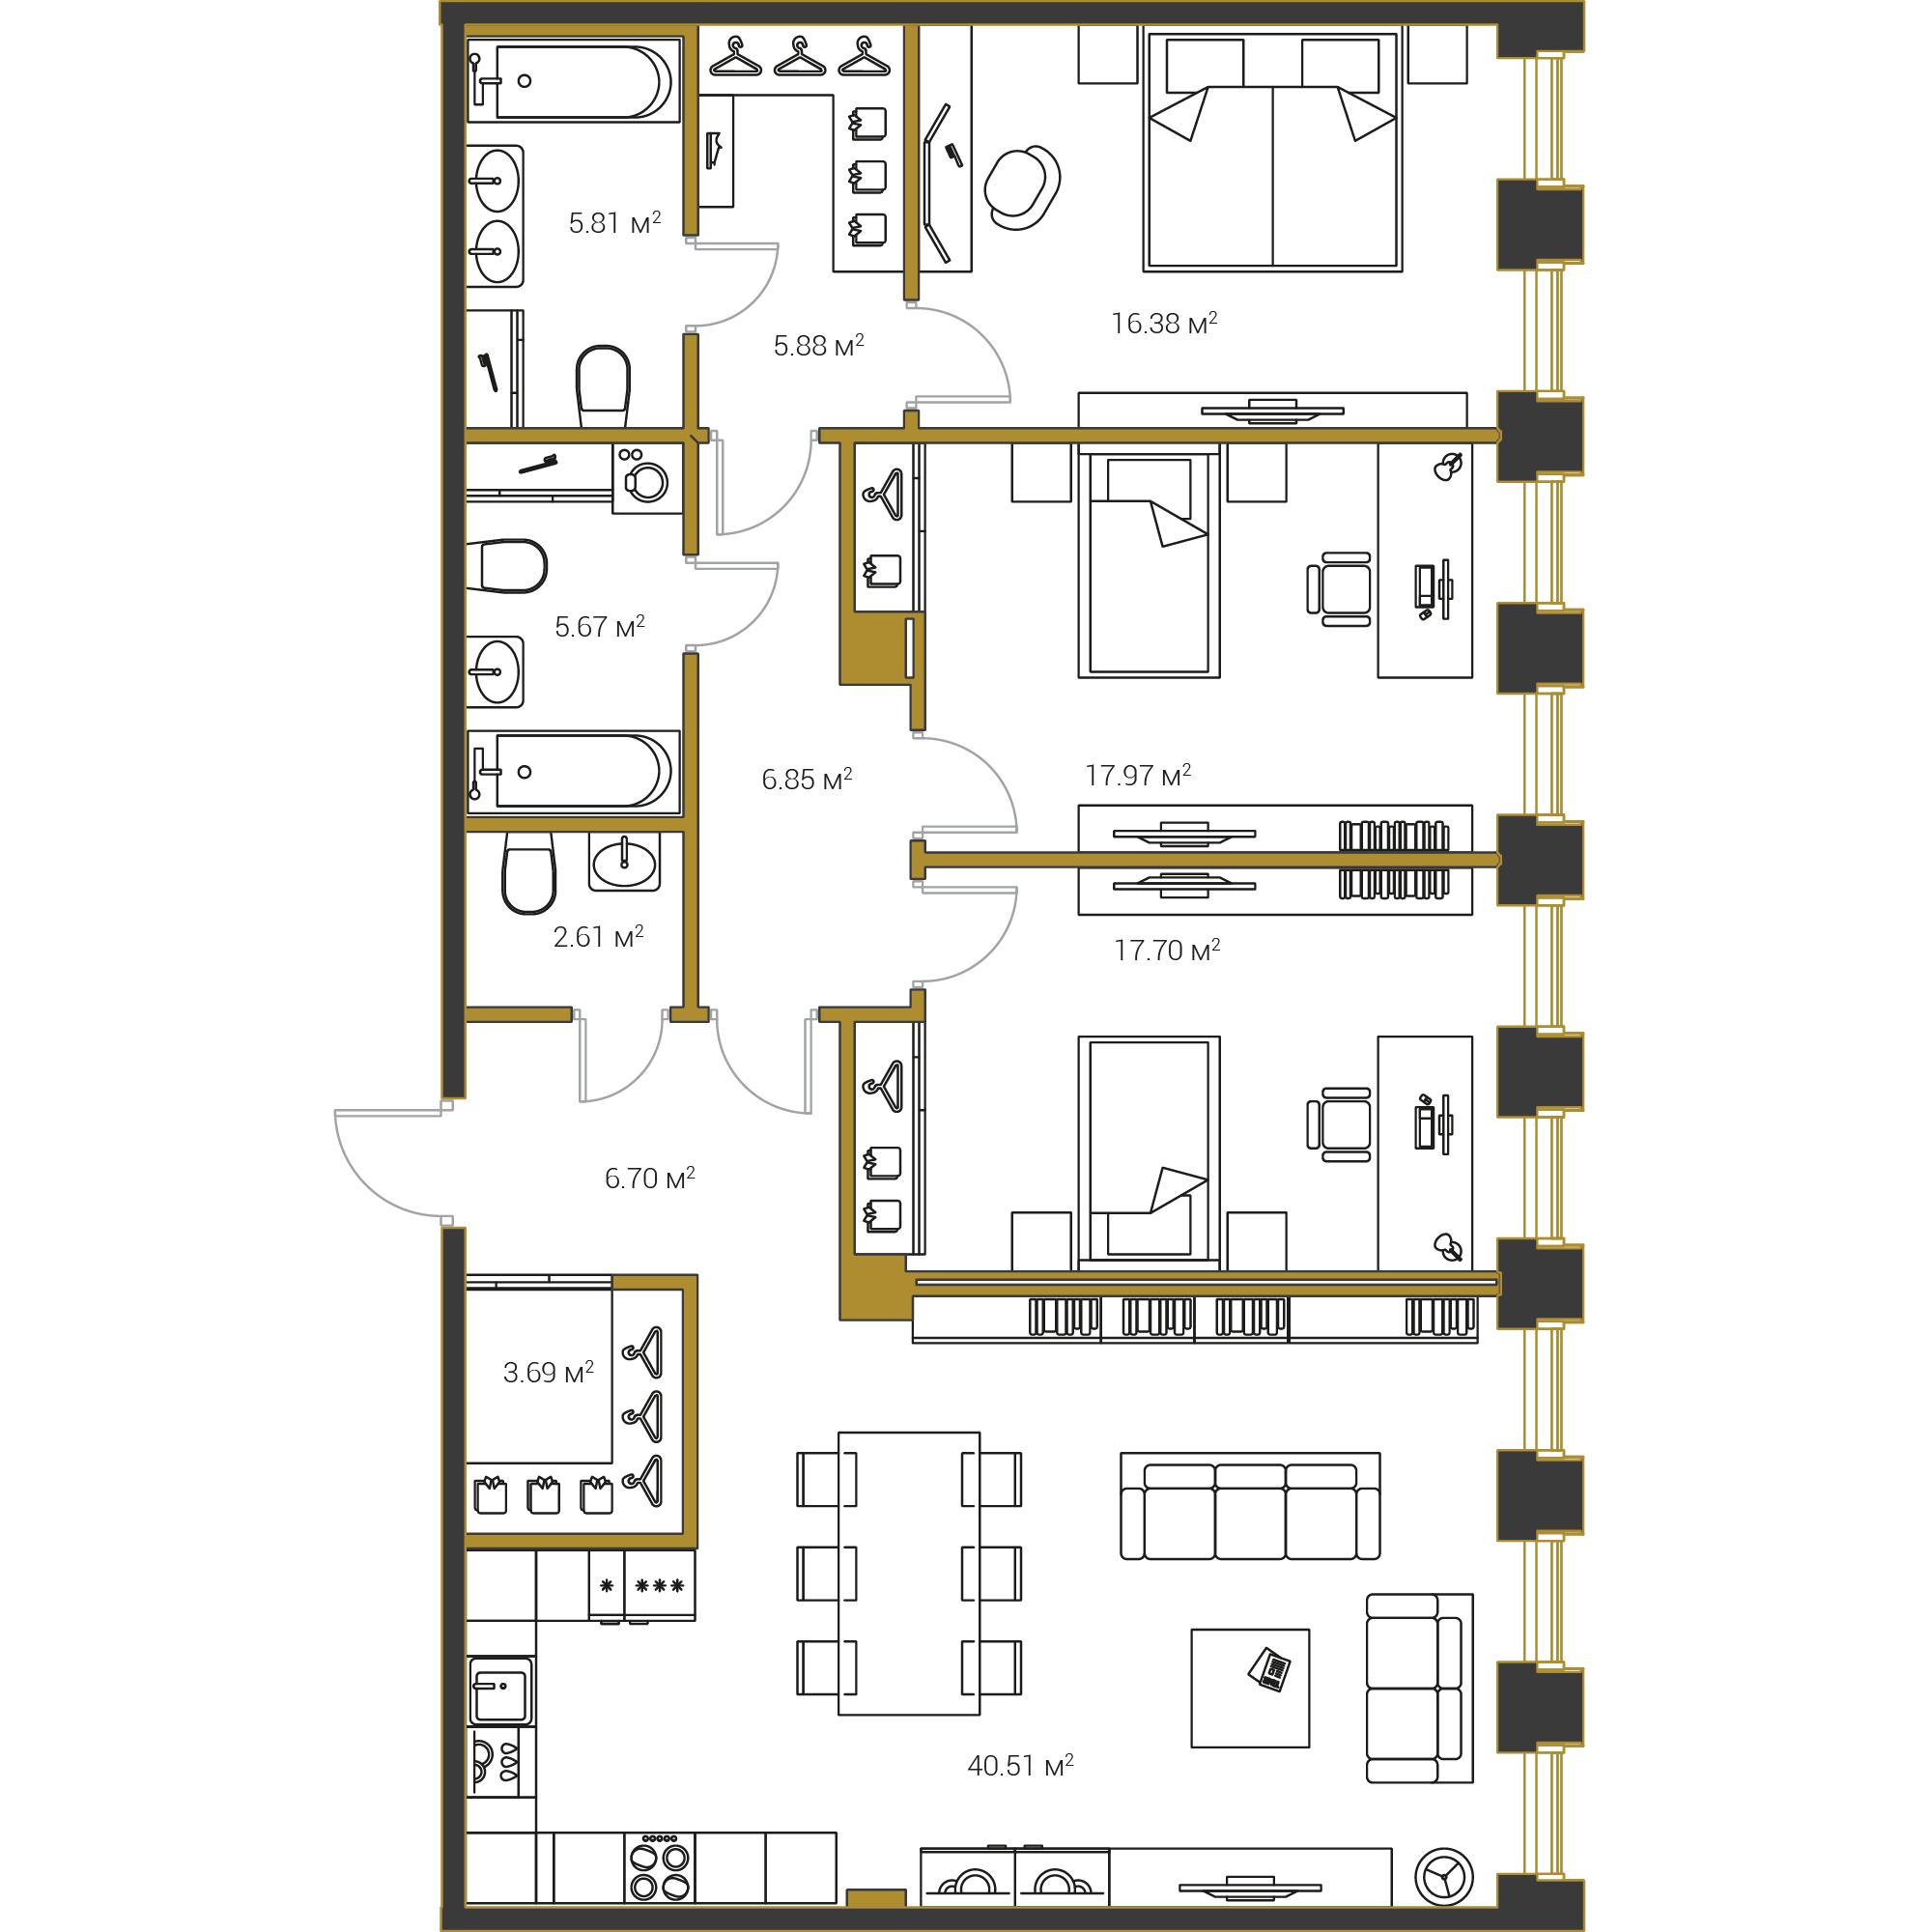 3-комнатная квартира №16 в: Институтский,16: 129.77 м²; этаж: 16 - купить в Санкт-Петербурге